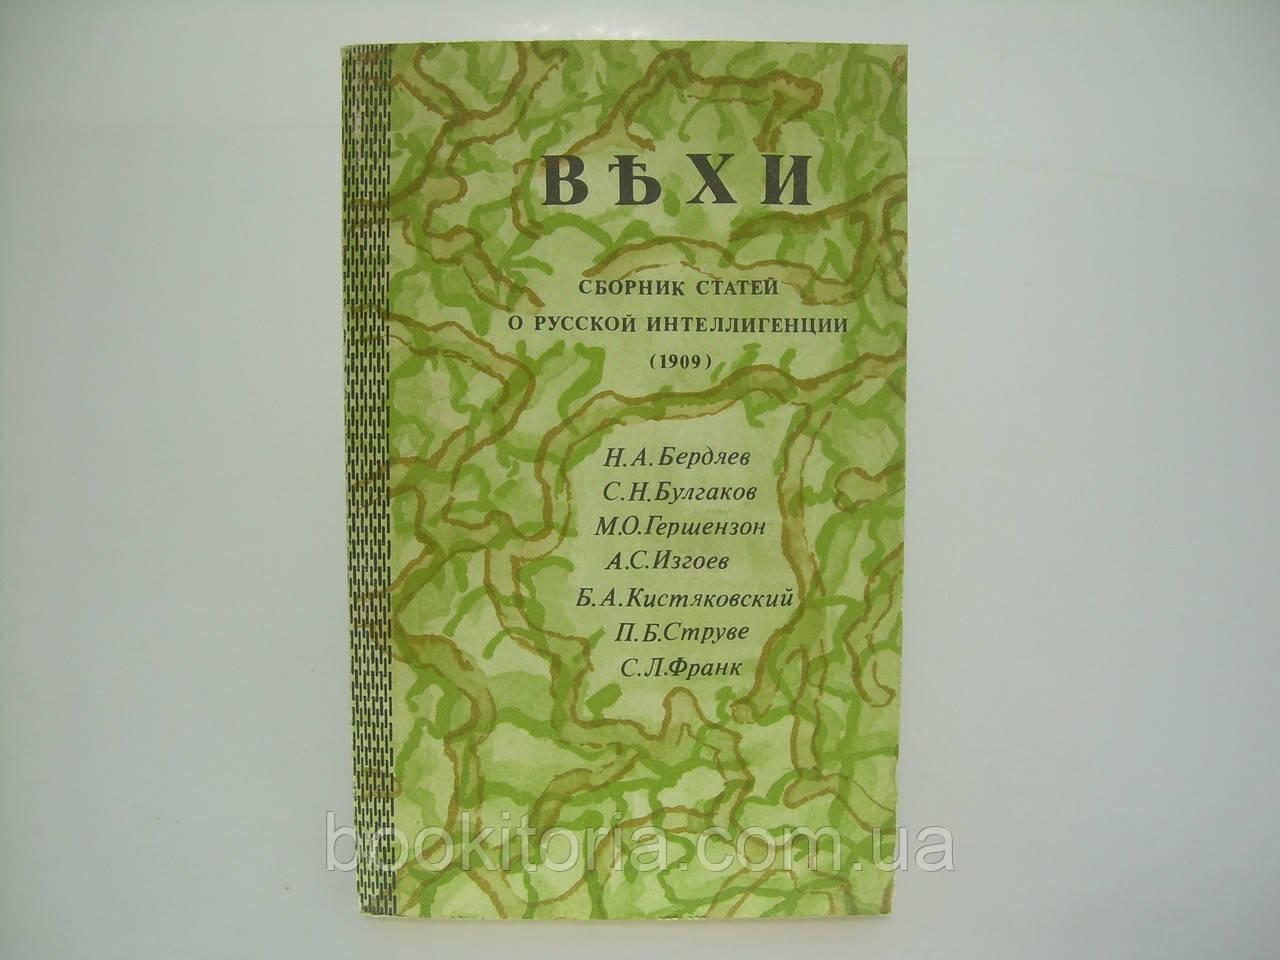 Вехи: сборник статей о русской интеллигенции (б/у).